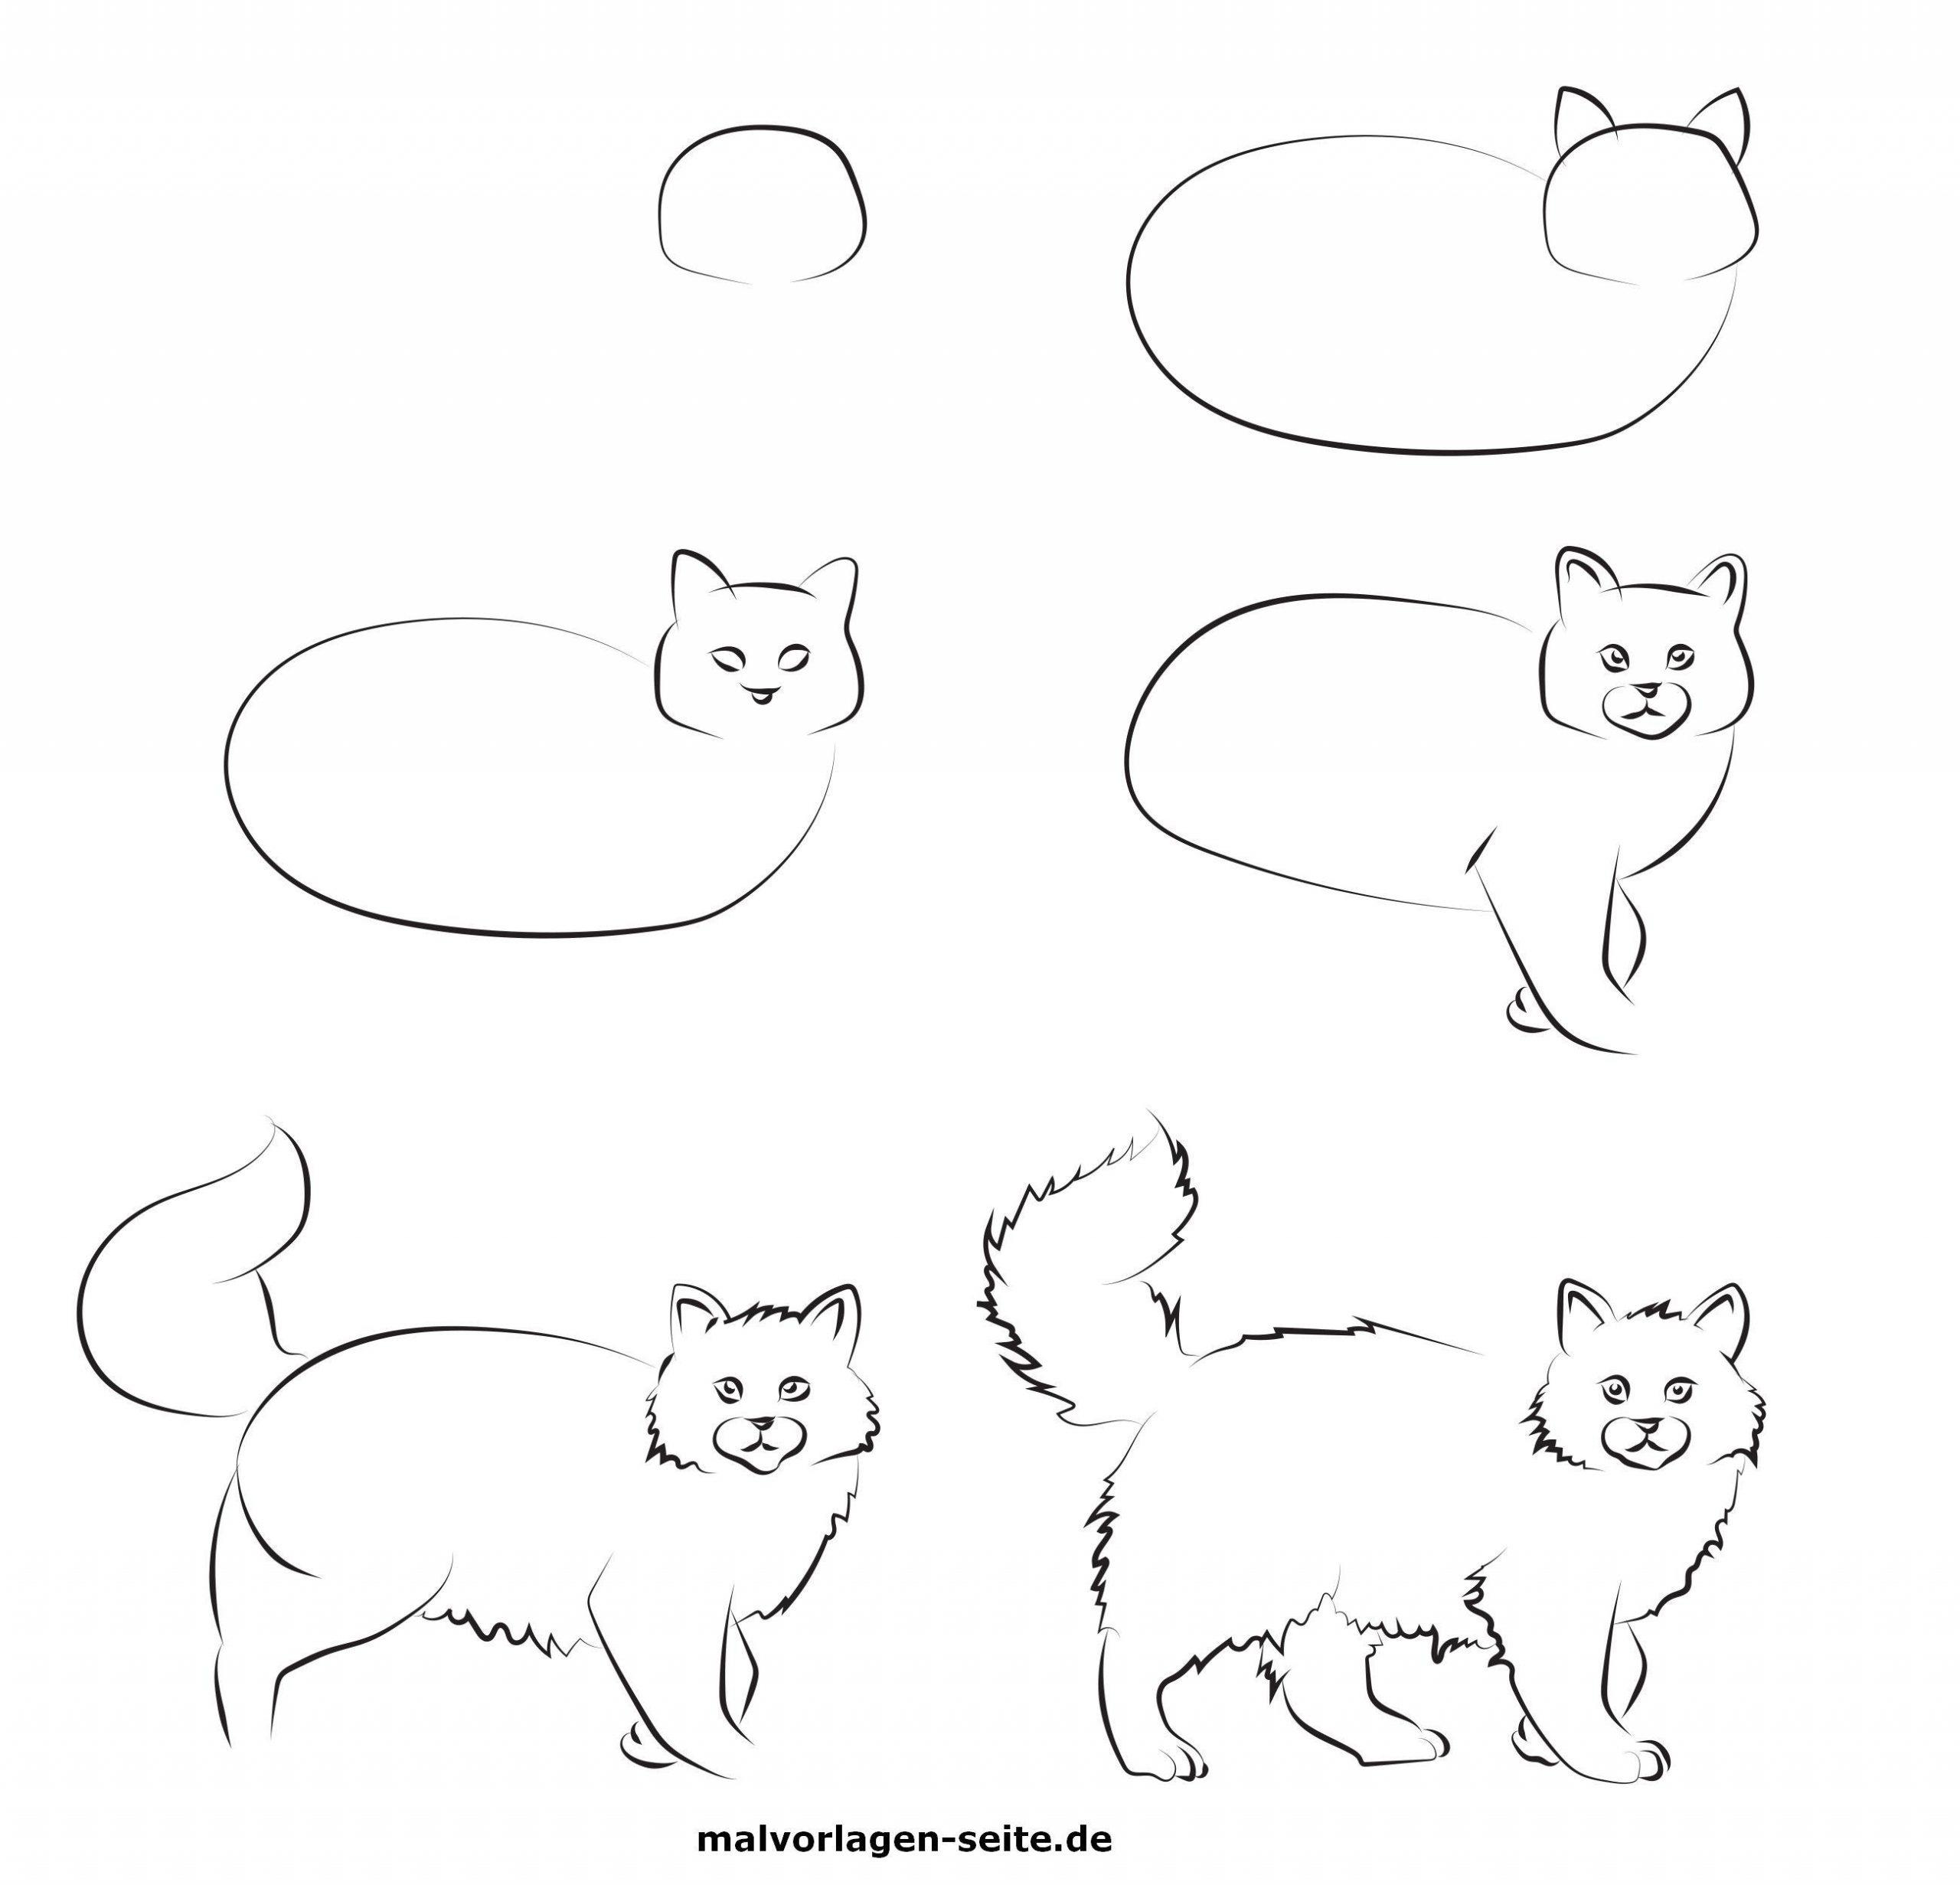 Wie Malt Man Eine Katze? - Ausmalbilder Kostenlos Herunterladen mit Katze Zeichnen Lernen